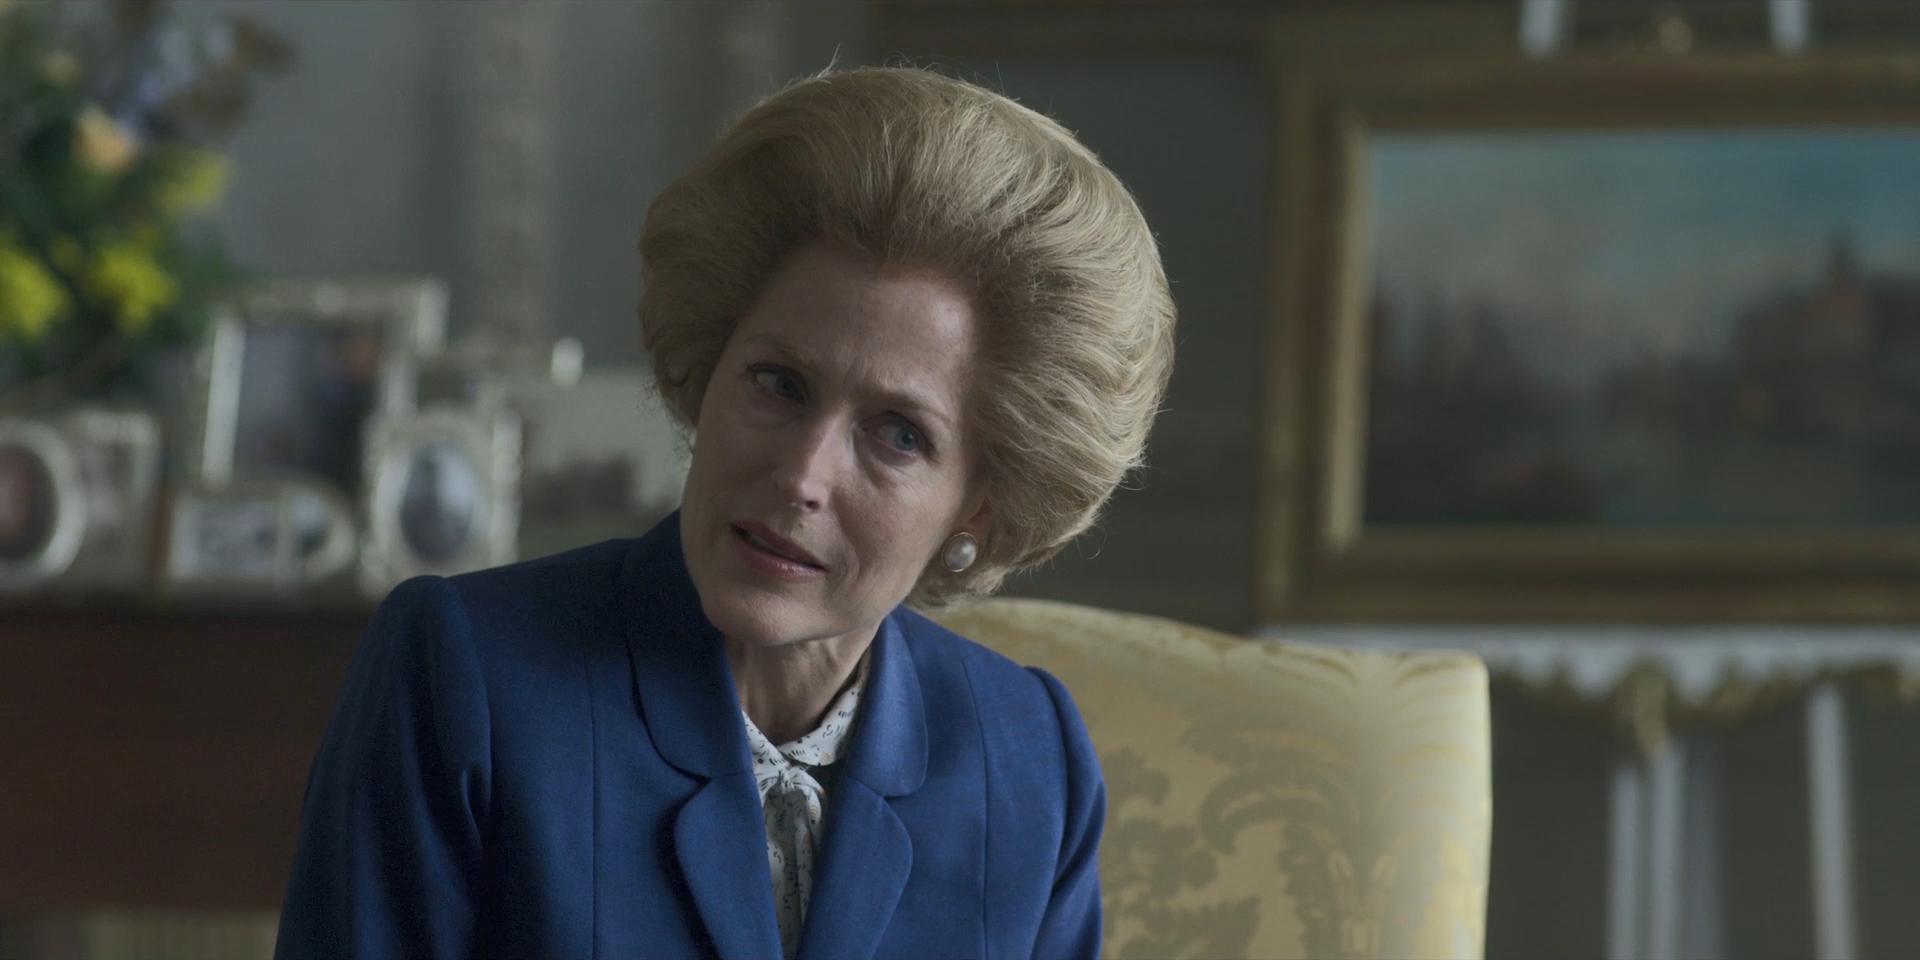 Изображение для Корона / The Crown, Сезон 4, Серии 1-10 из 10 (2020) WEB-DLRip 1080p (кликните для просмотра полного изображения)